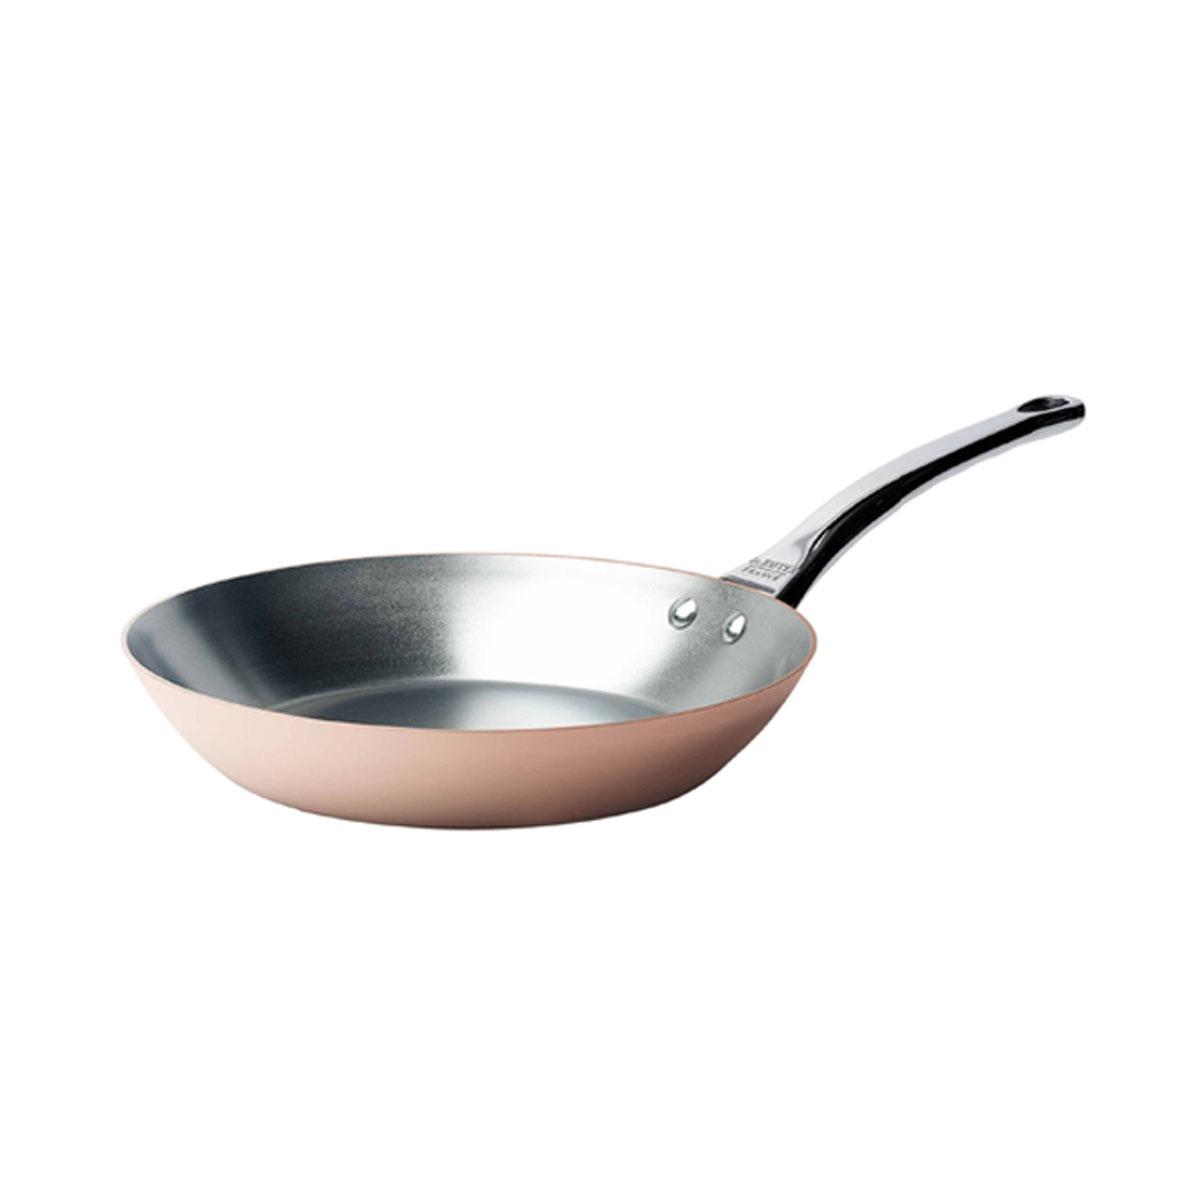 de Buyer Inocuivre Pfanne 28 cm / Kupfer mit Edelstahlgussgriff | Küche und Esszimmer > Kochen und Backen | De Buyer